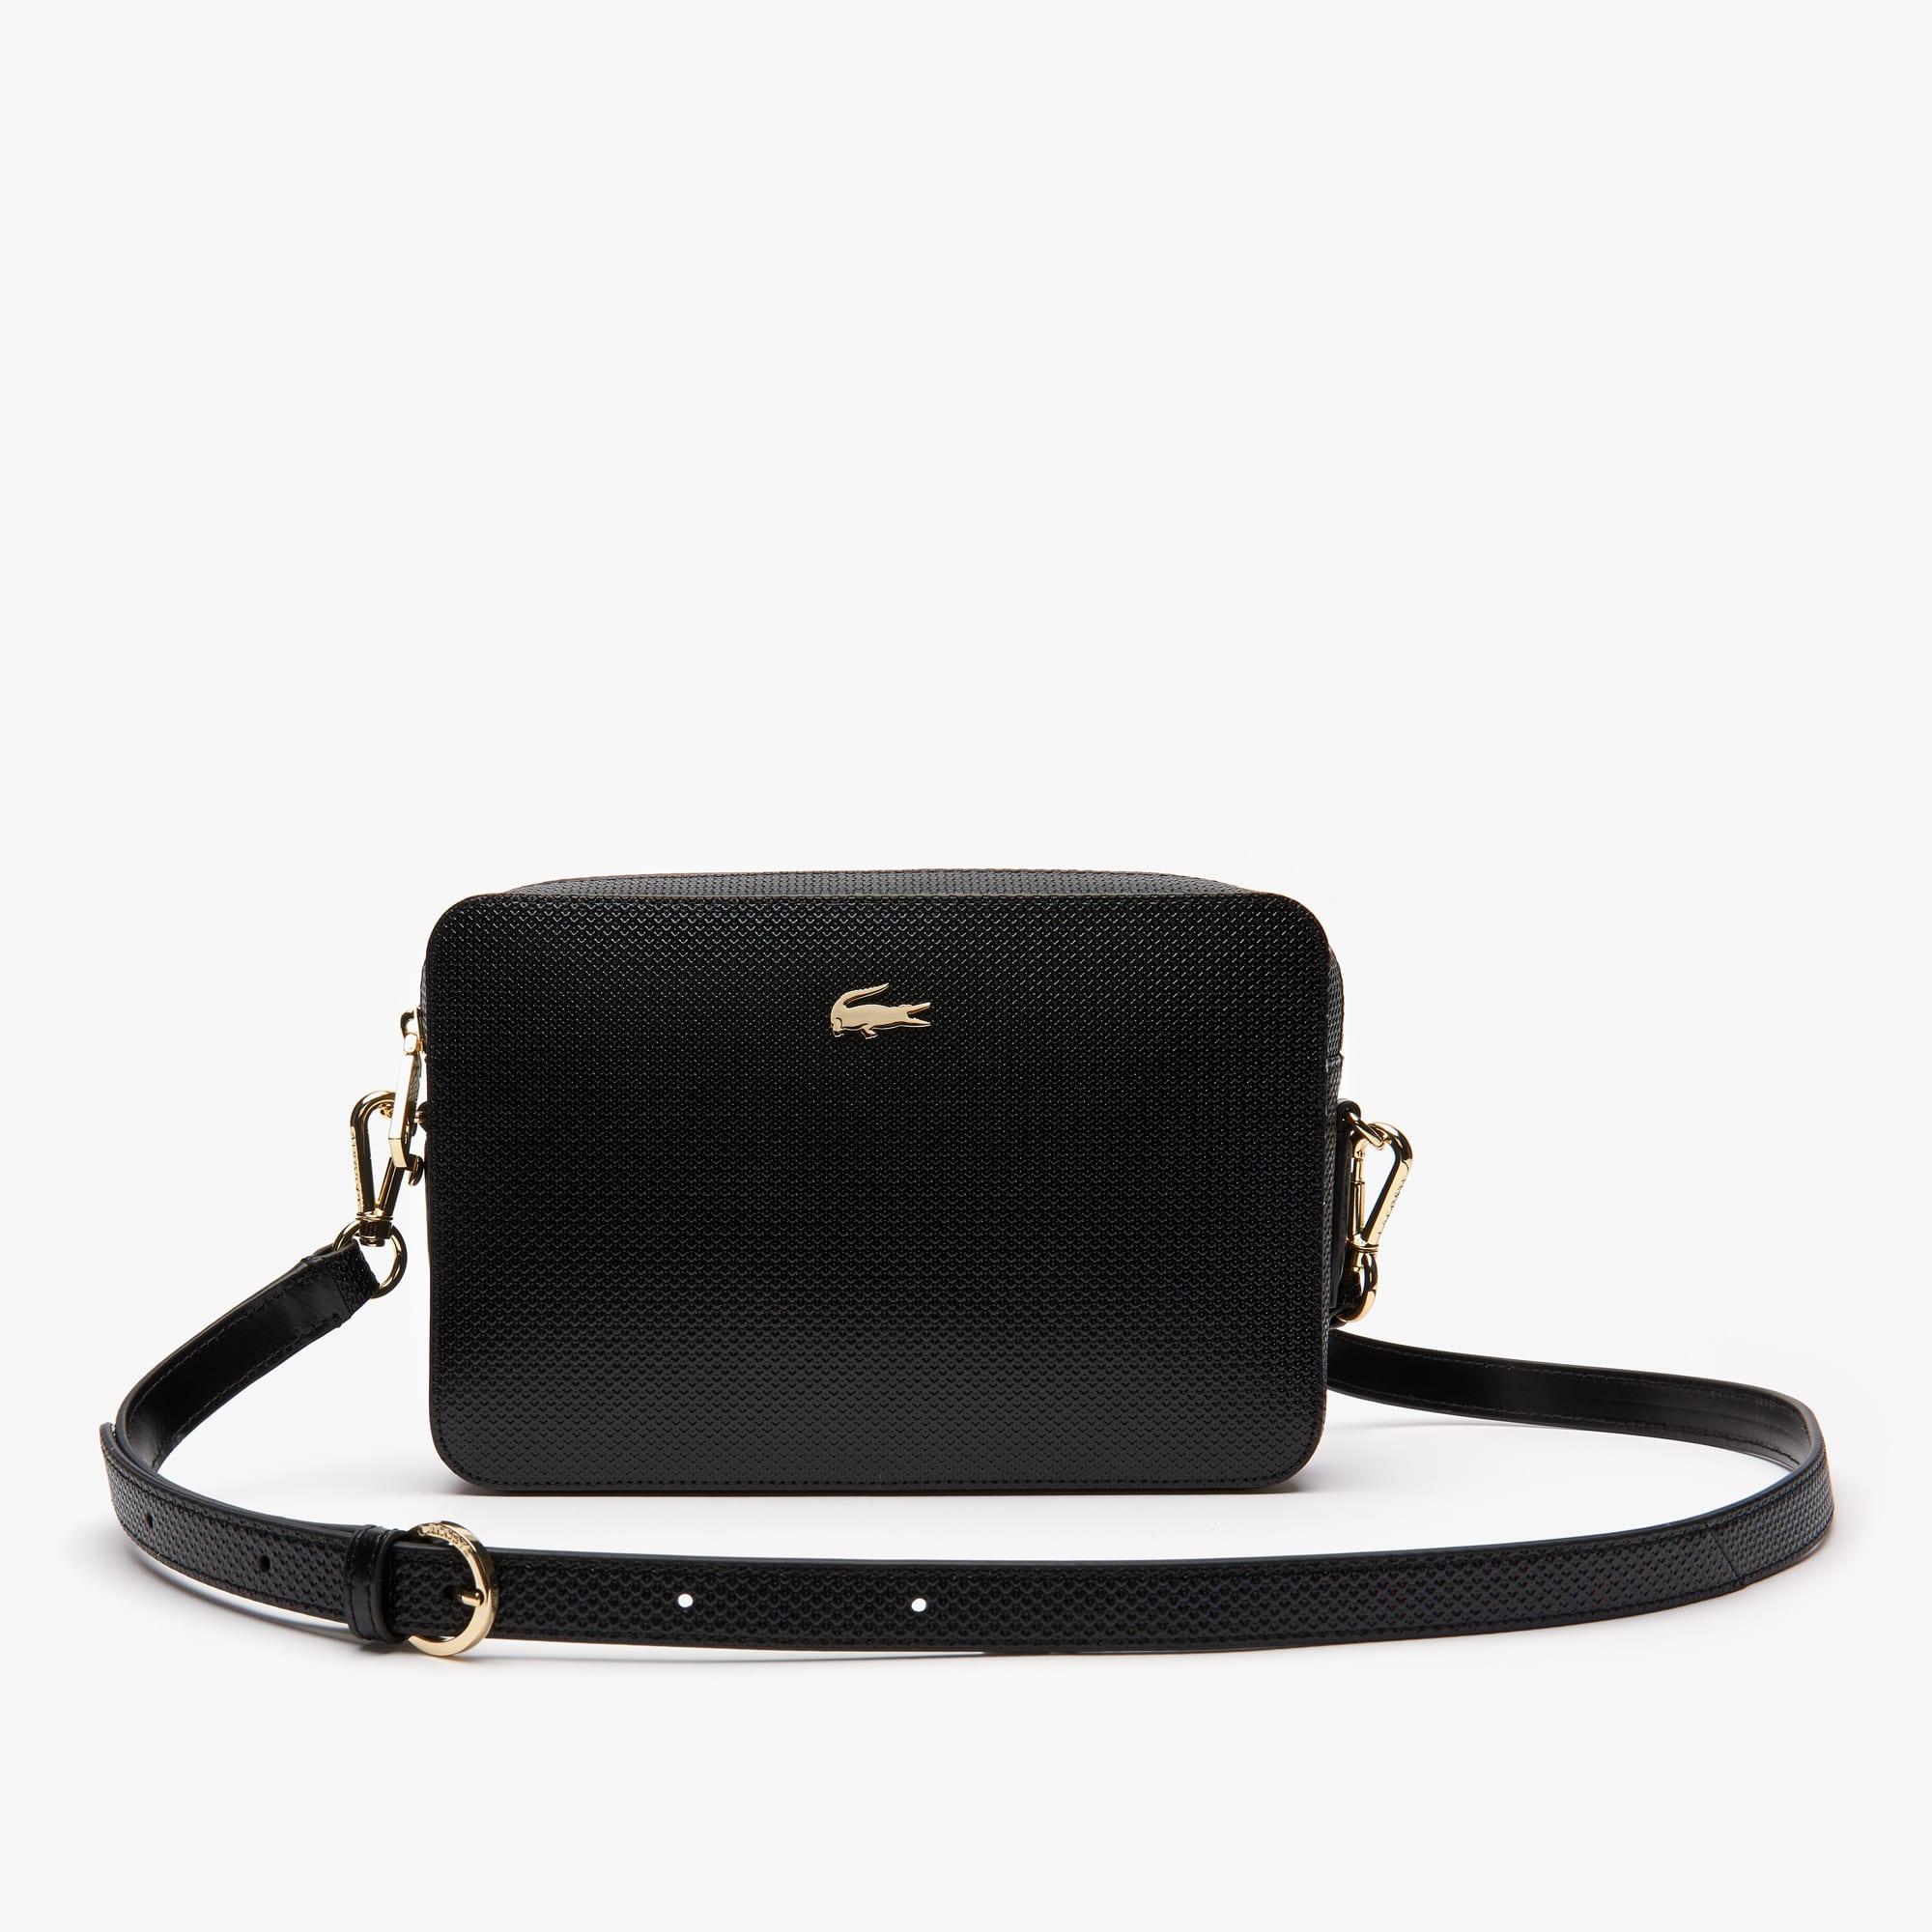 라코스테 Lacoste Womens Chantaco Pique Leather Square Shoulder Bag,black